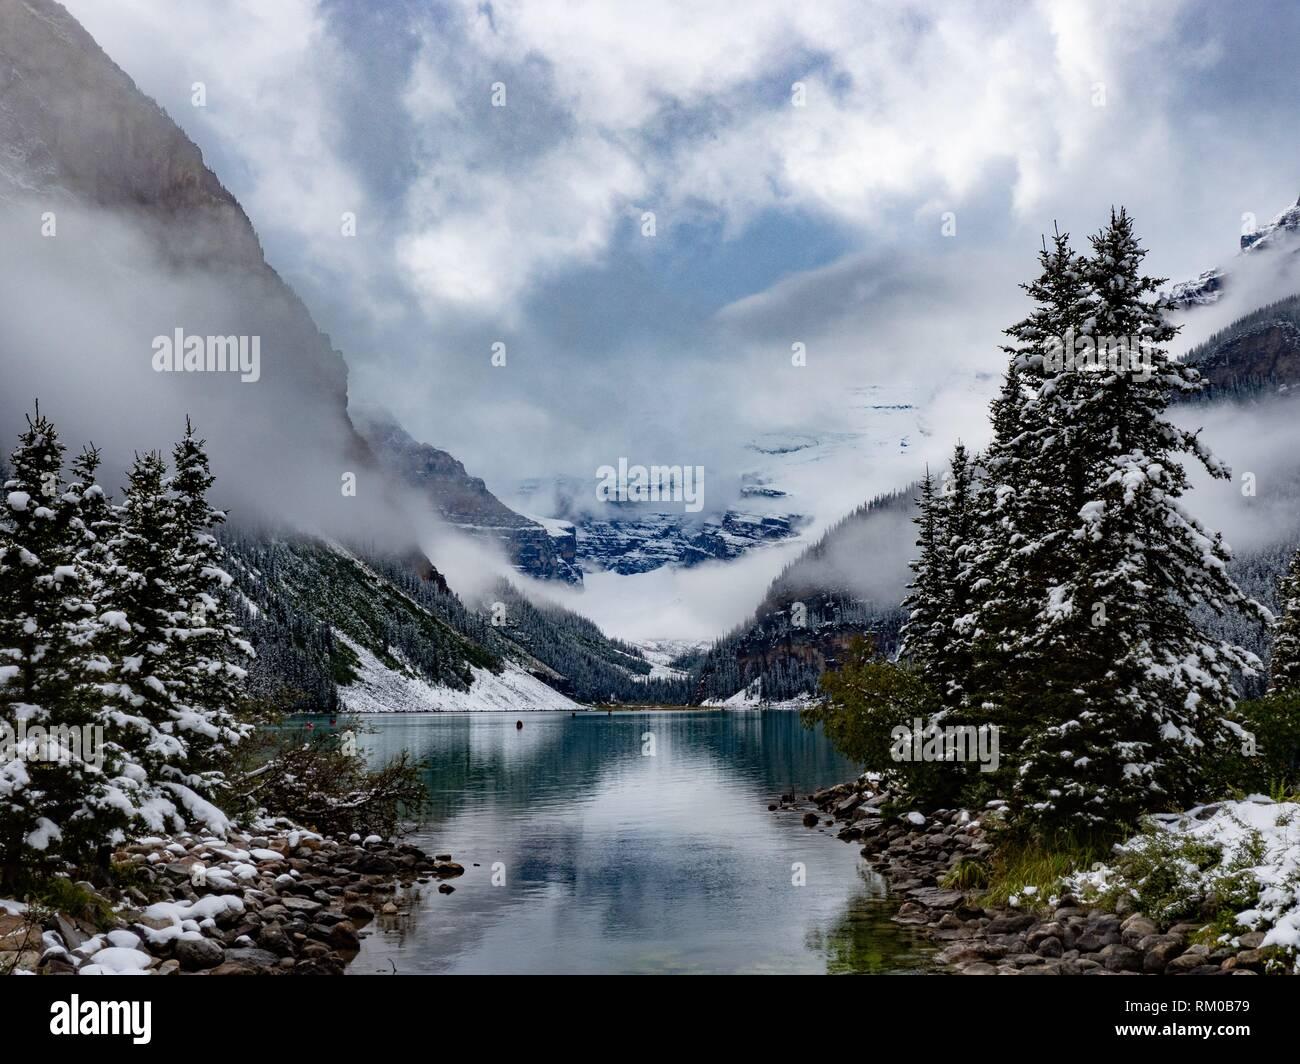 Canadian Rockies. Lake Louise. Winter. - Stock Image